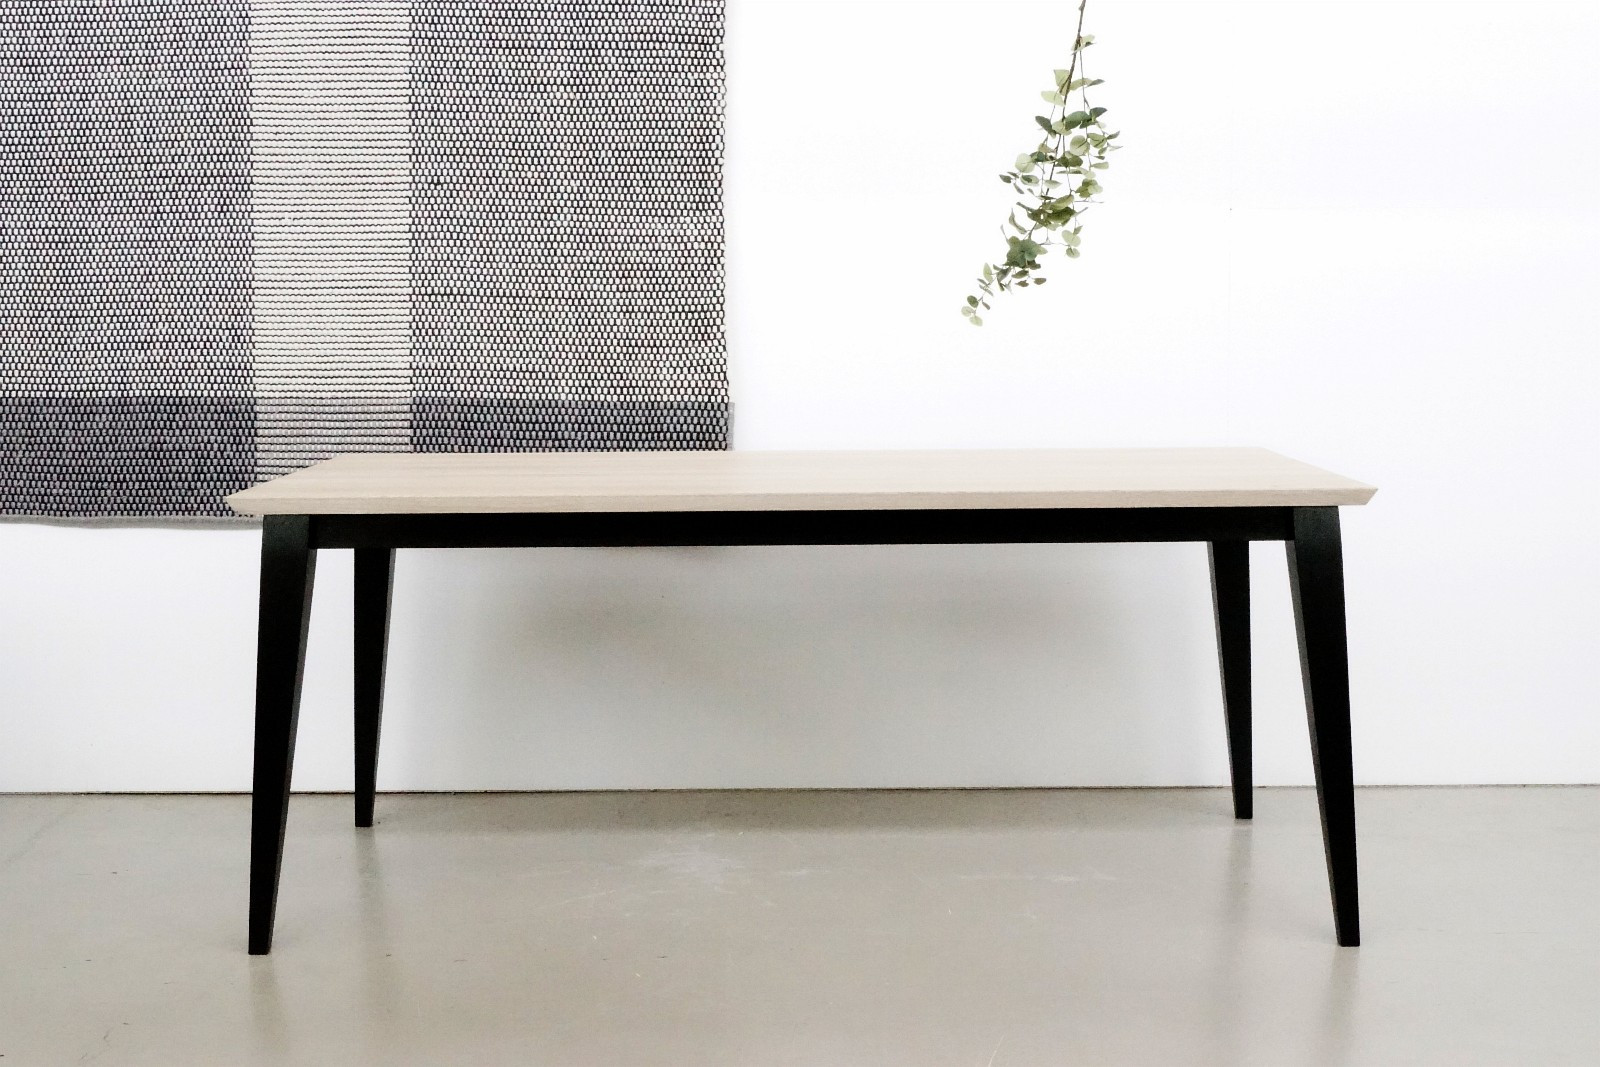 Simply spisebord 180x90 heltre eik med hele staver, sorte eller grå ben - Høvik  - Heltre bord med hvitoljed topp og sortmalte ben. 180x90. Det finnes tilleggsplater, 50x90. kr. 1950,- / stk  Fantastisk fint bord i heltre med hele staver og 100 år gammel eik. - Høvik